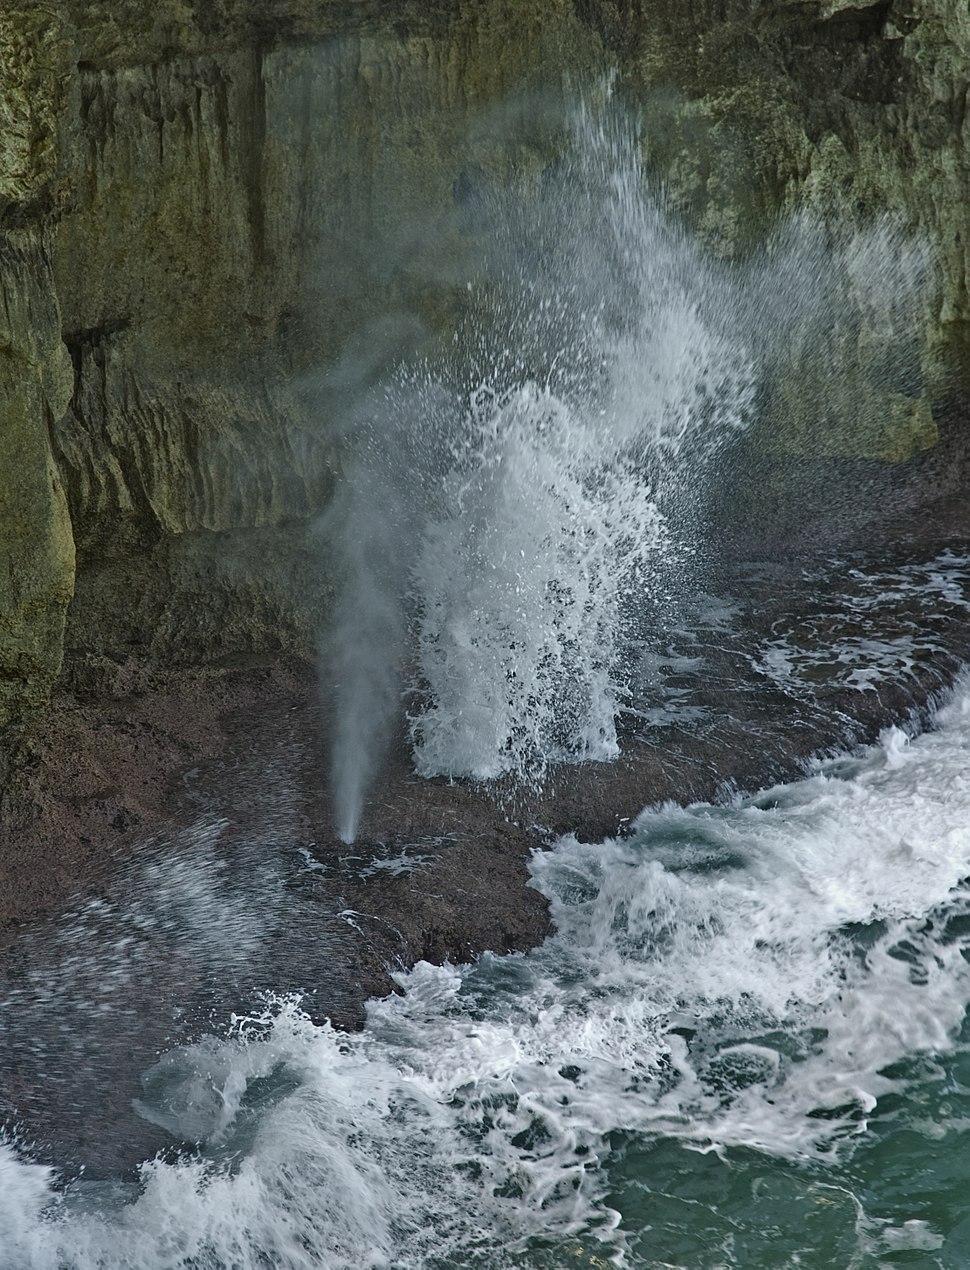 Blowhole, Barbados coast